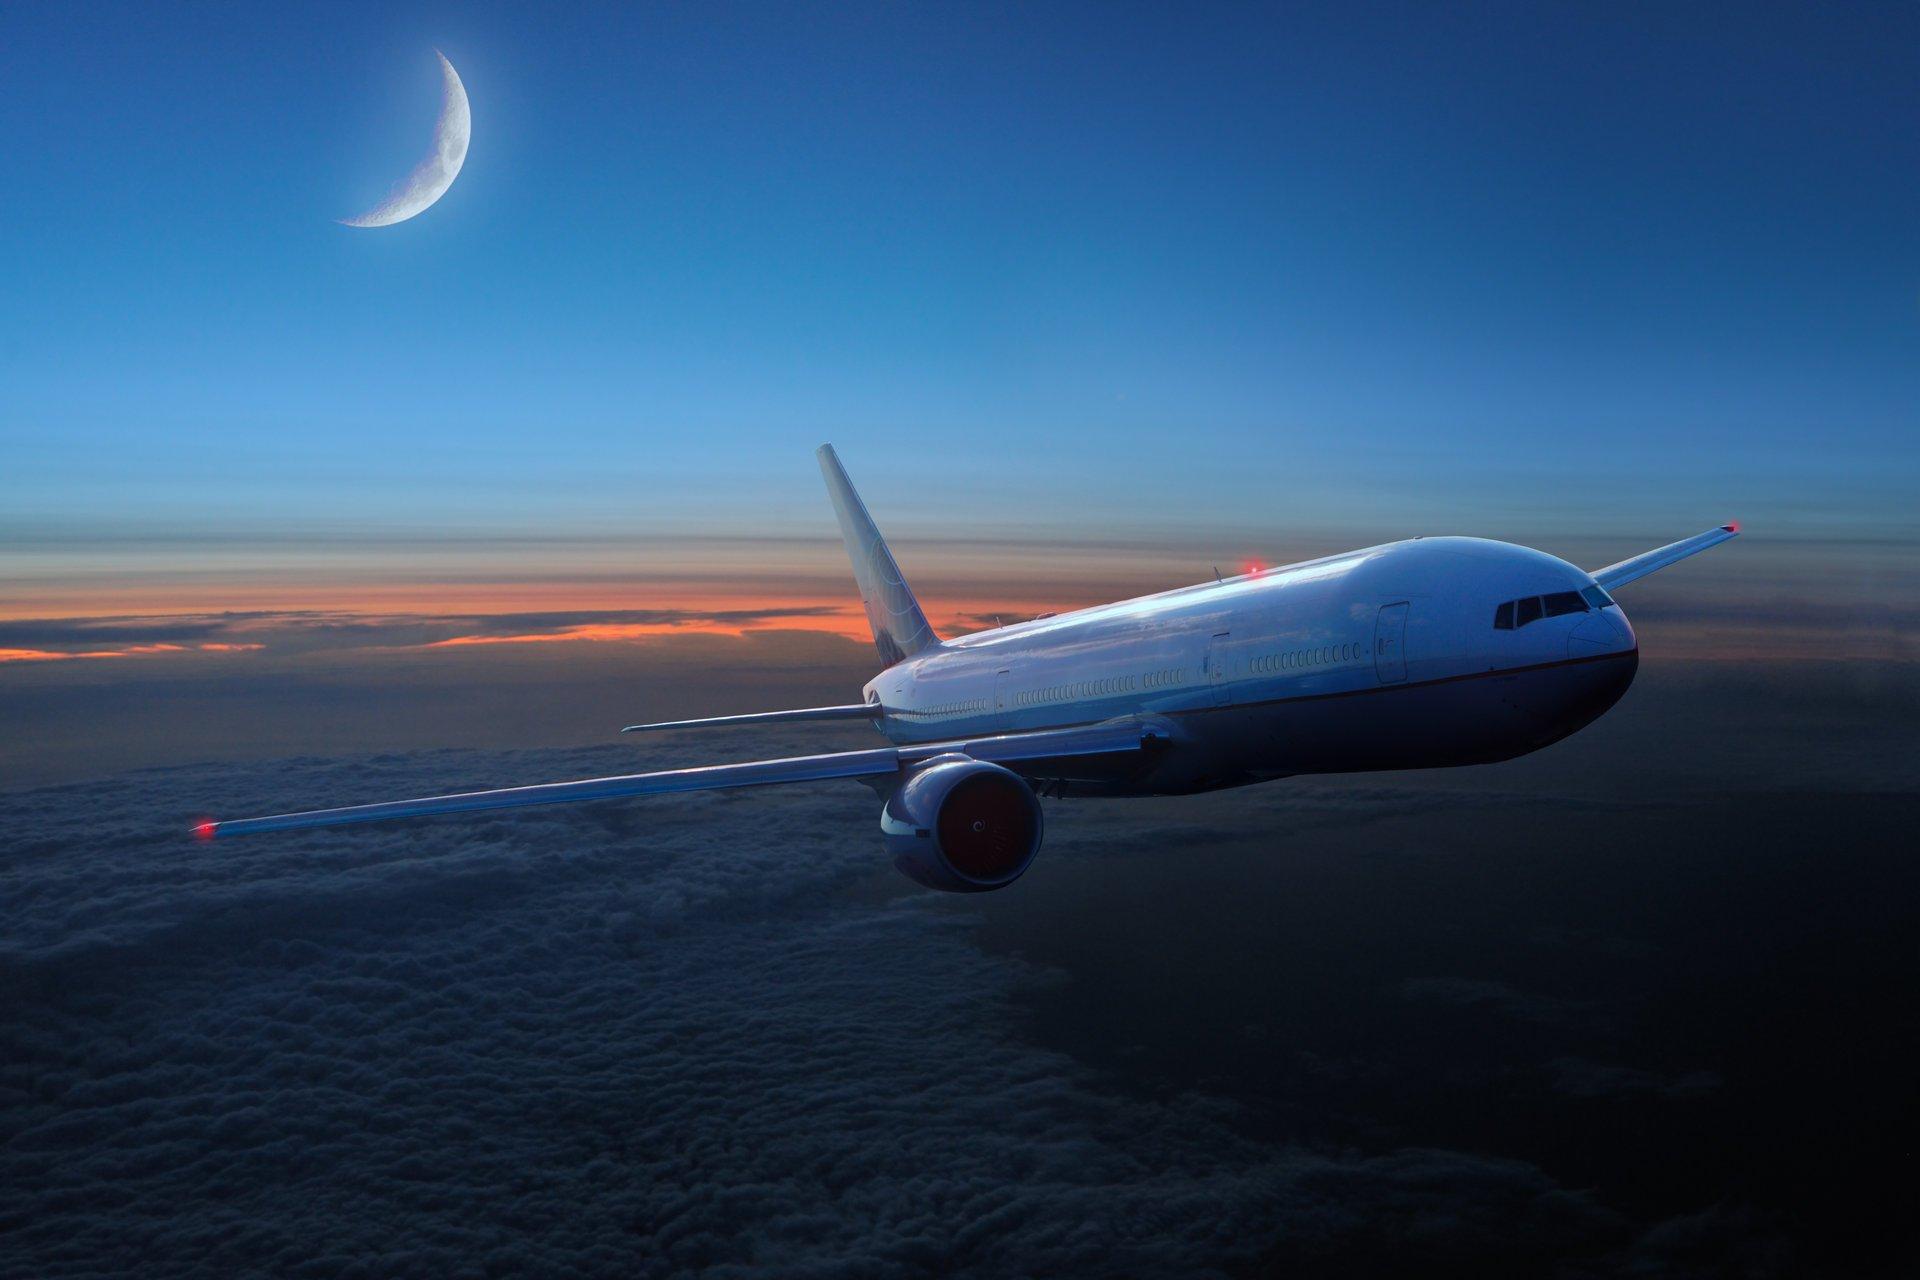 Картинки самолетов в небе